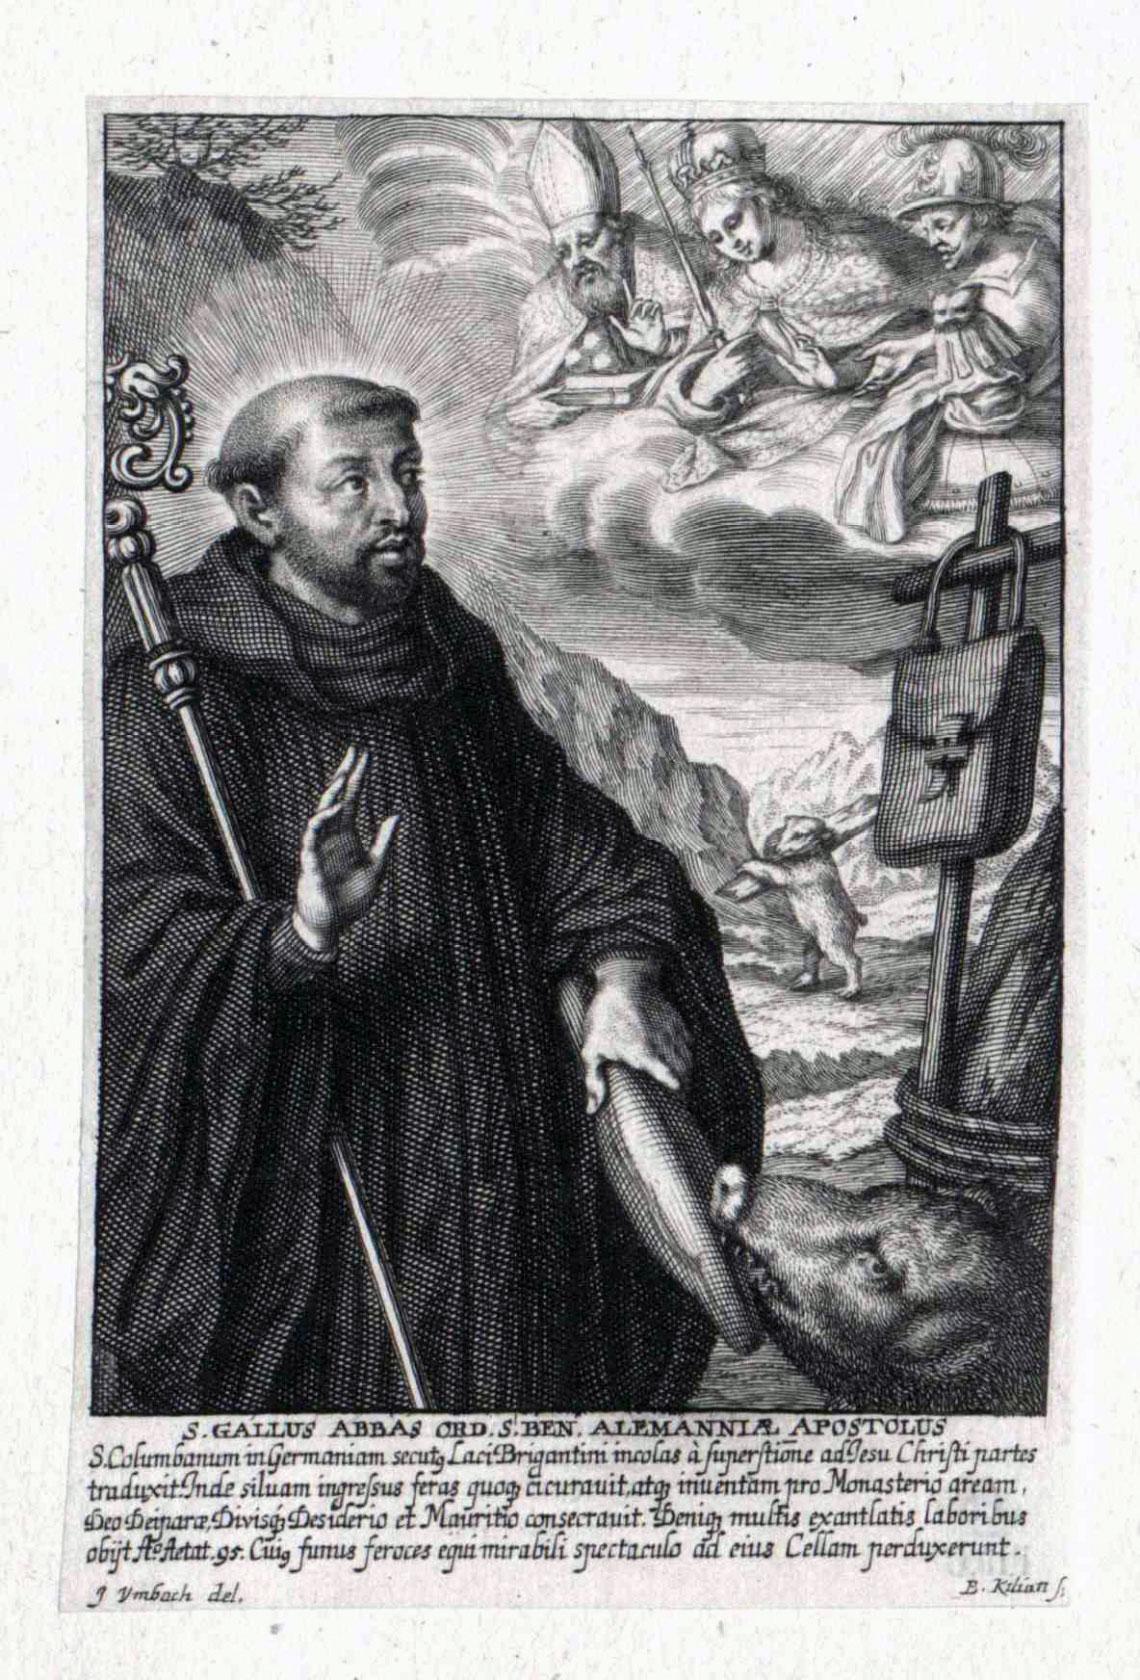 St Gallus, depicted 1700 - 1800.